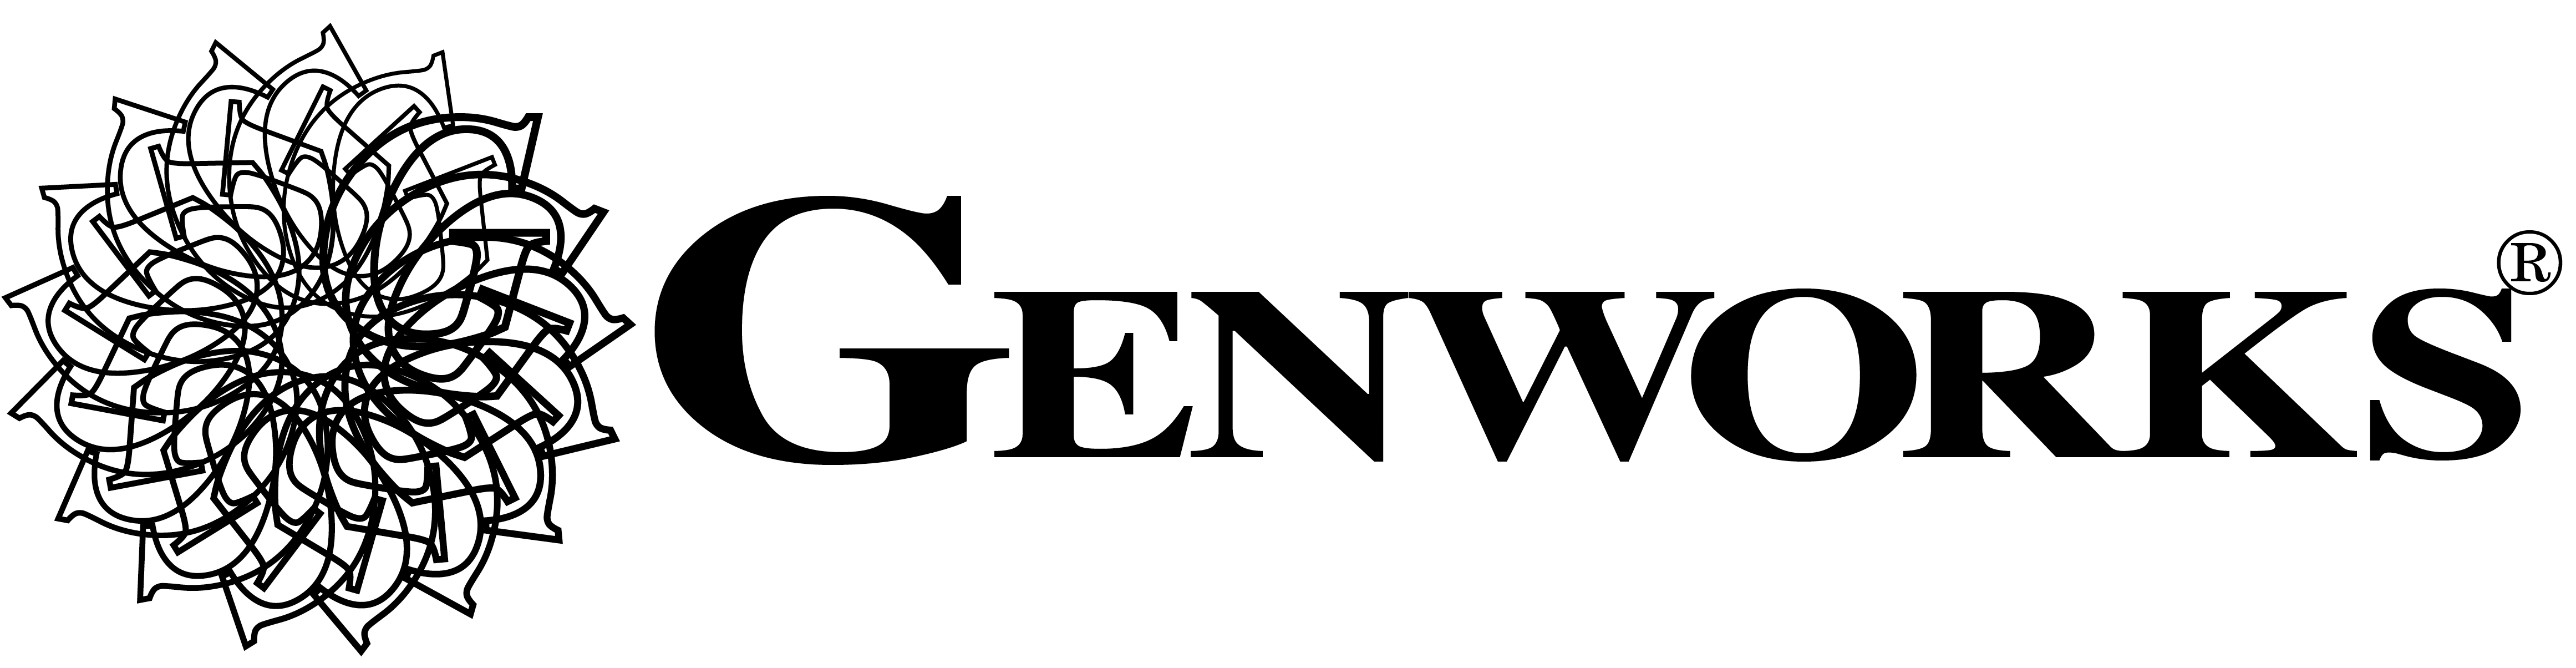 gwl/static/gwl/images/genworks-logo-t.png